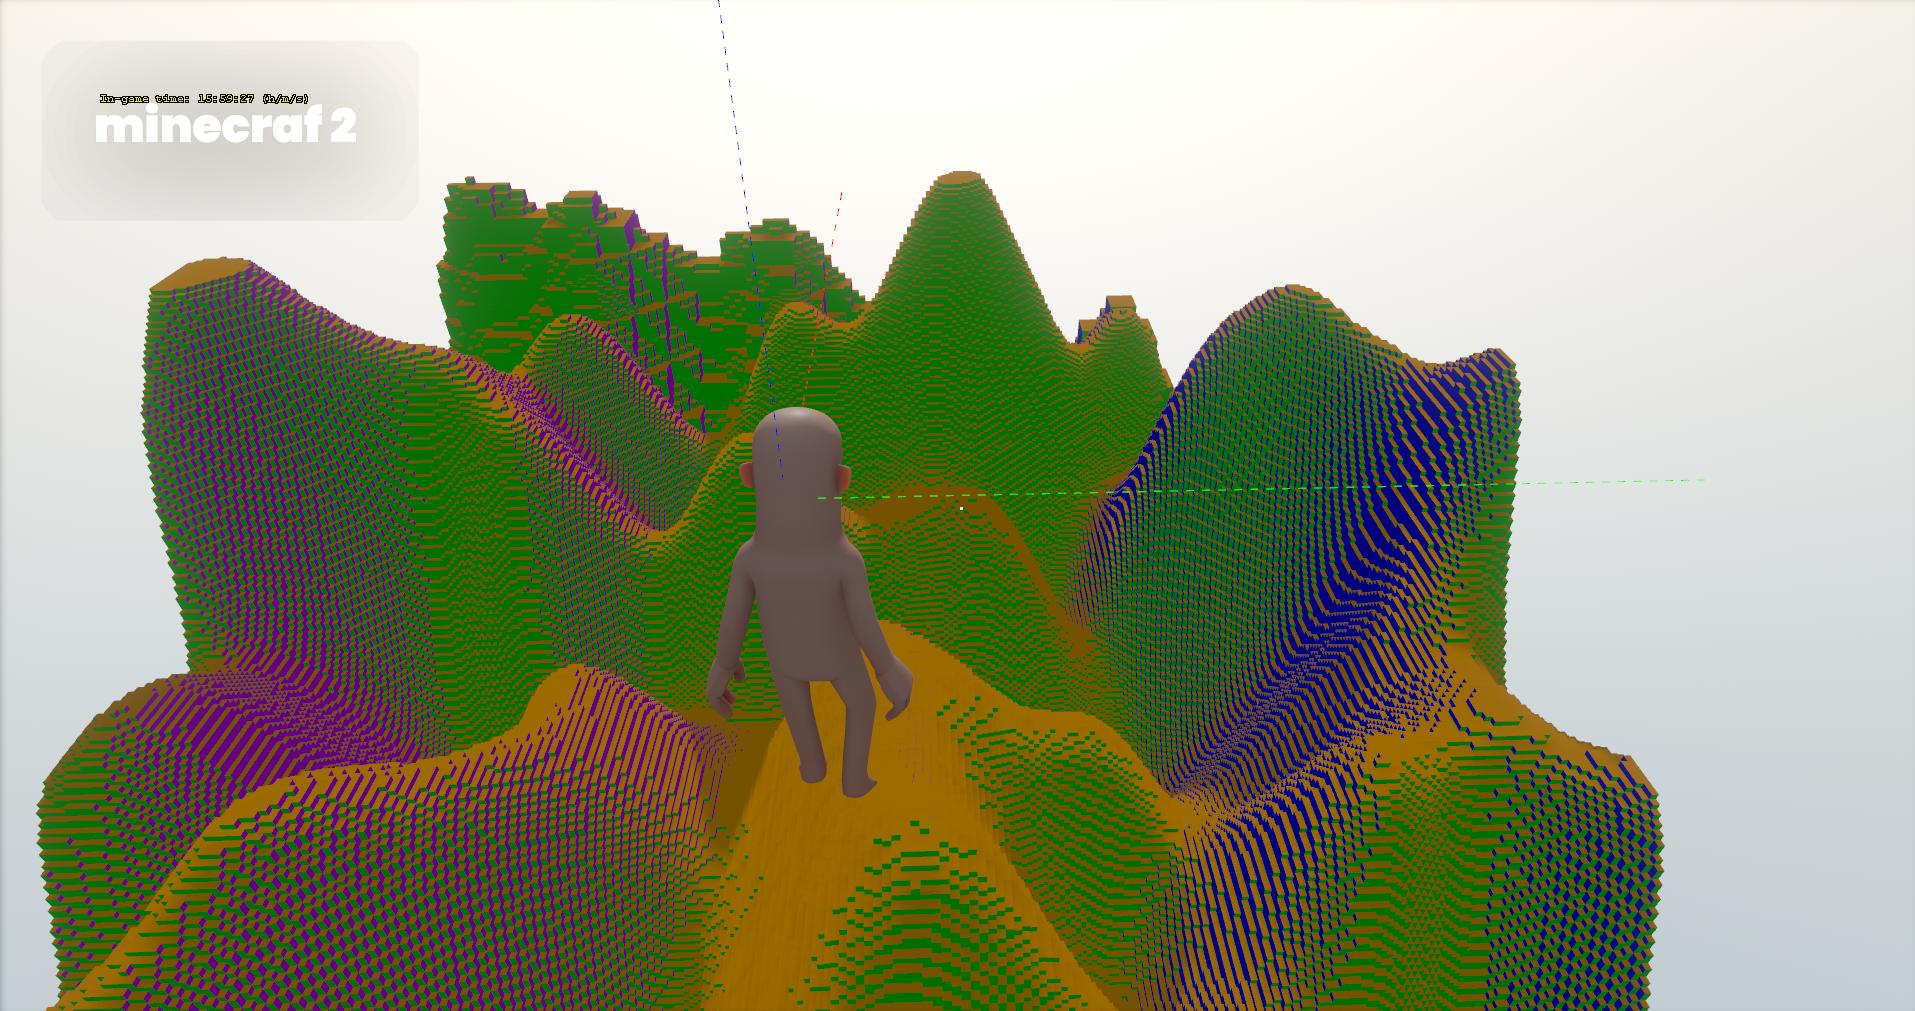 bad looking terrain